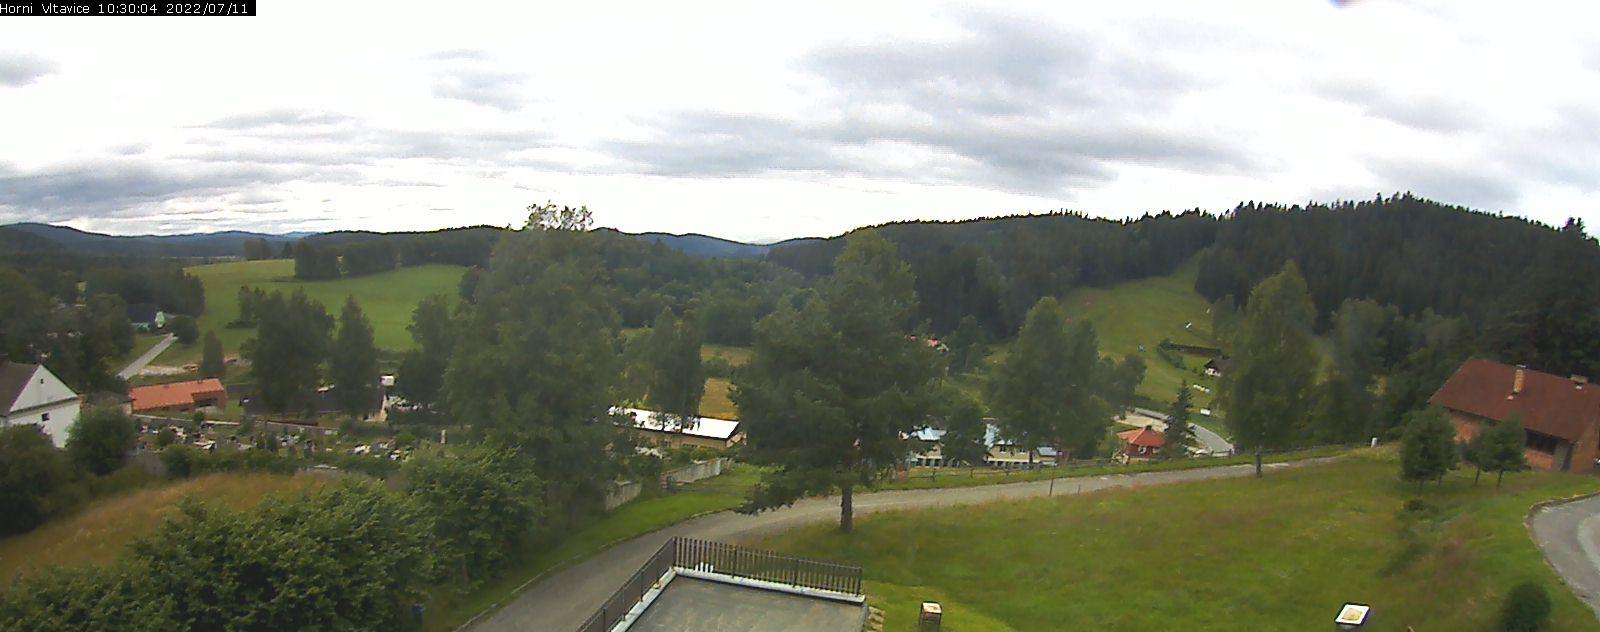 Webcam - Horní Vltavice